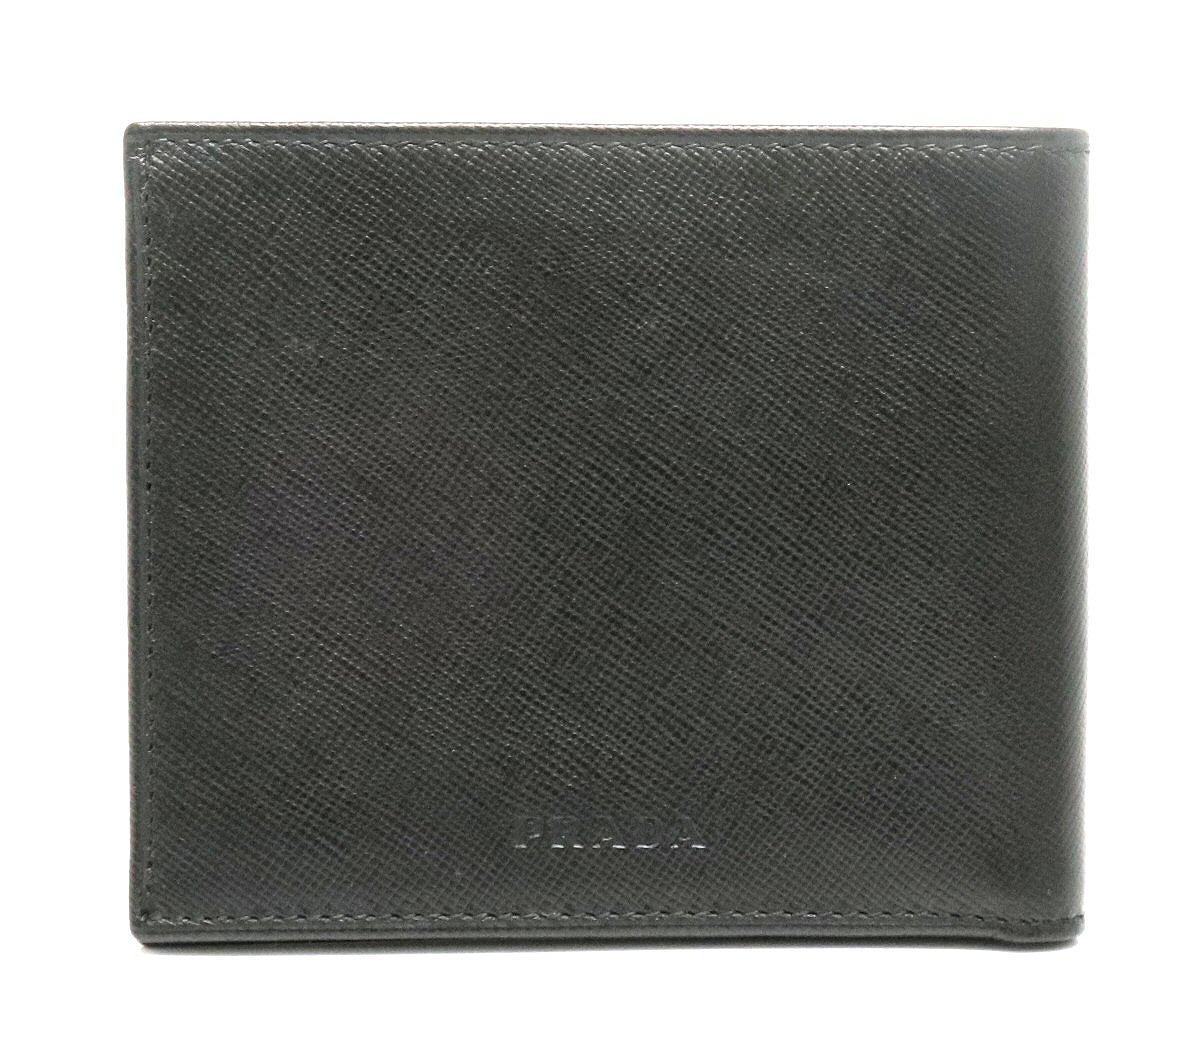 【財布】PRADA プラダ 2つ折 札入れ SAFFIANO サフィアーノ レザー 黒 ブラック 【中古】【k】